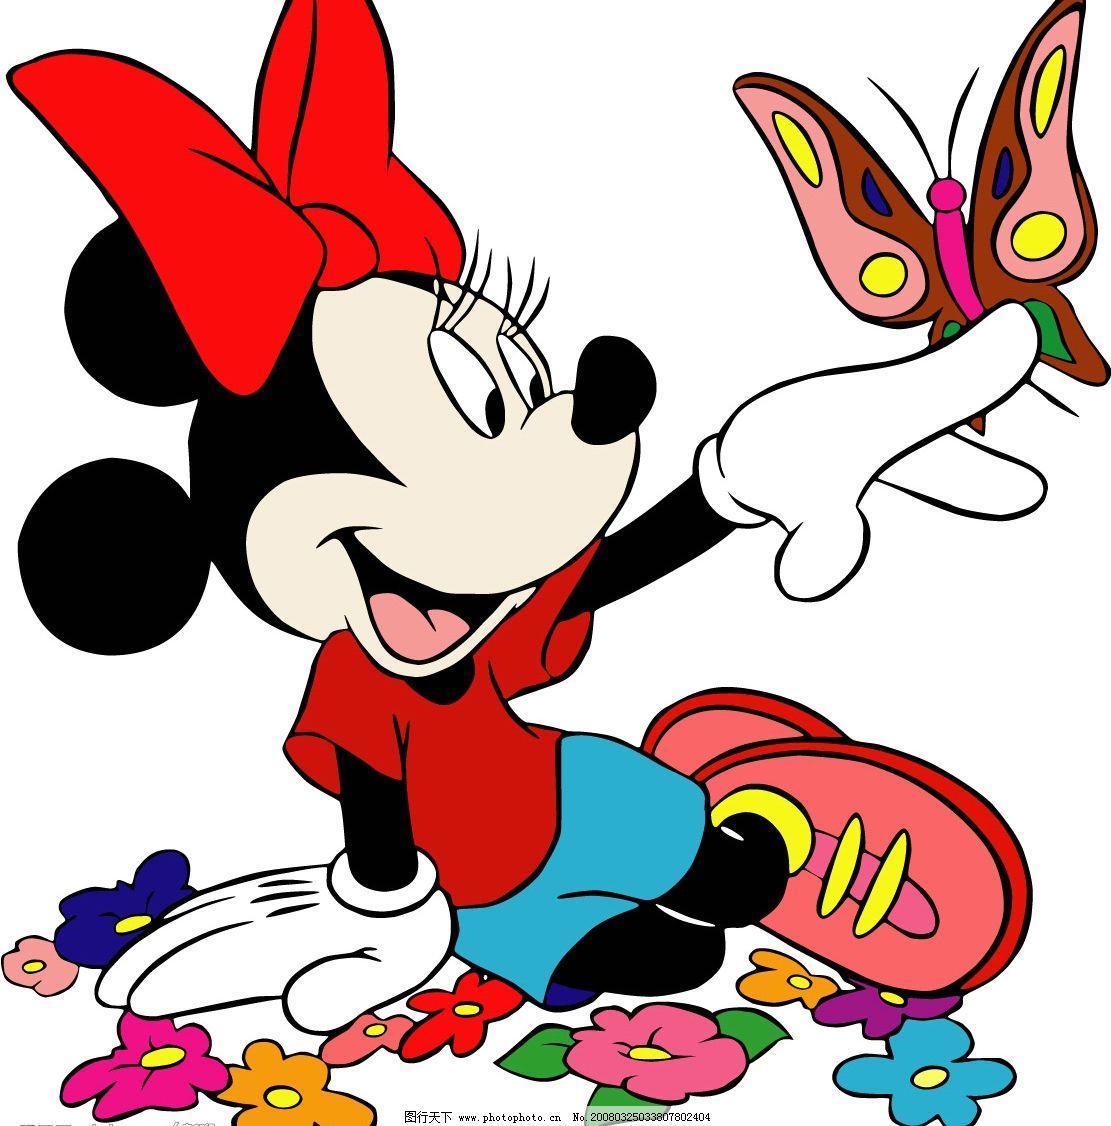 米老鼠 可爱的米尼老鼠 其他矢量 矢量素材 矢量图库